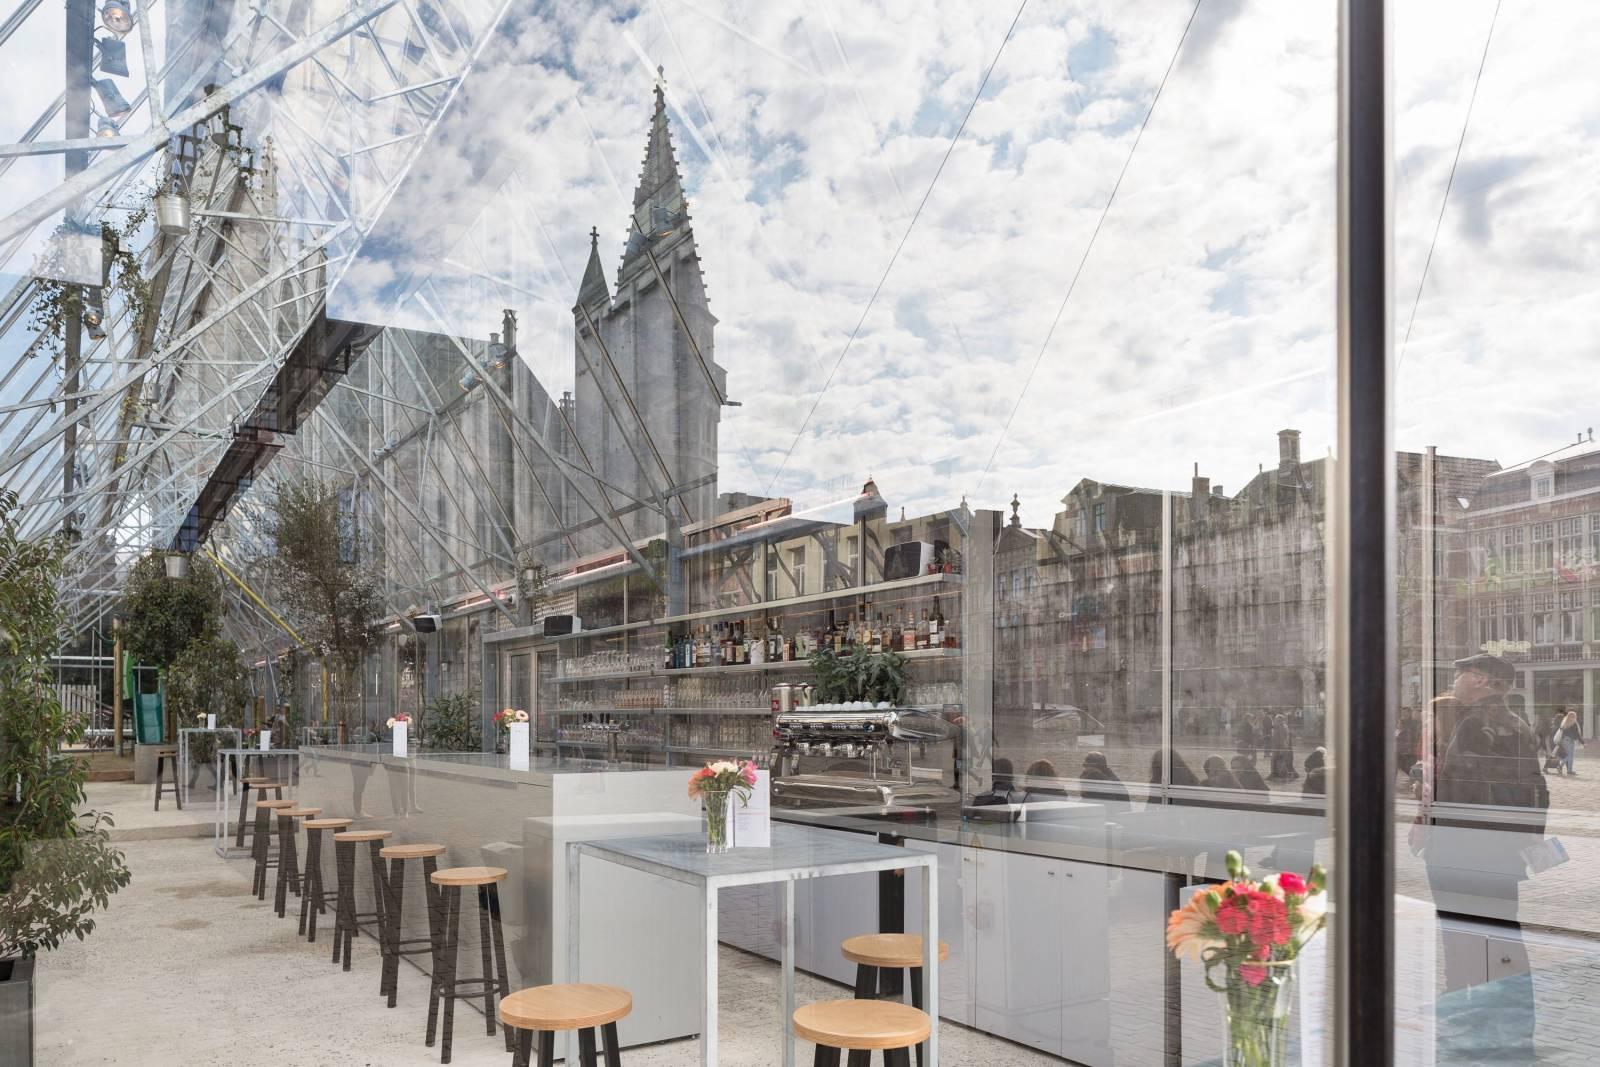 RAY - Feestzaal - Feestlocatie - Serre - Modern - Hip - Gent (Oost-Vlaanderen) - House of Events - 5